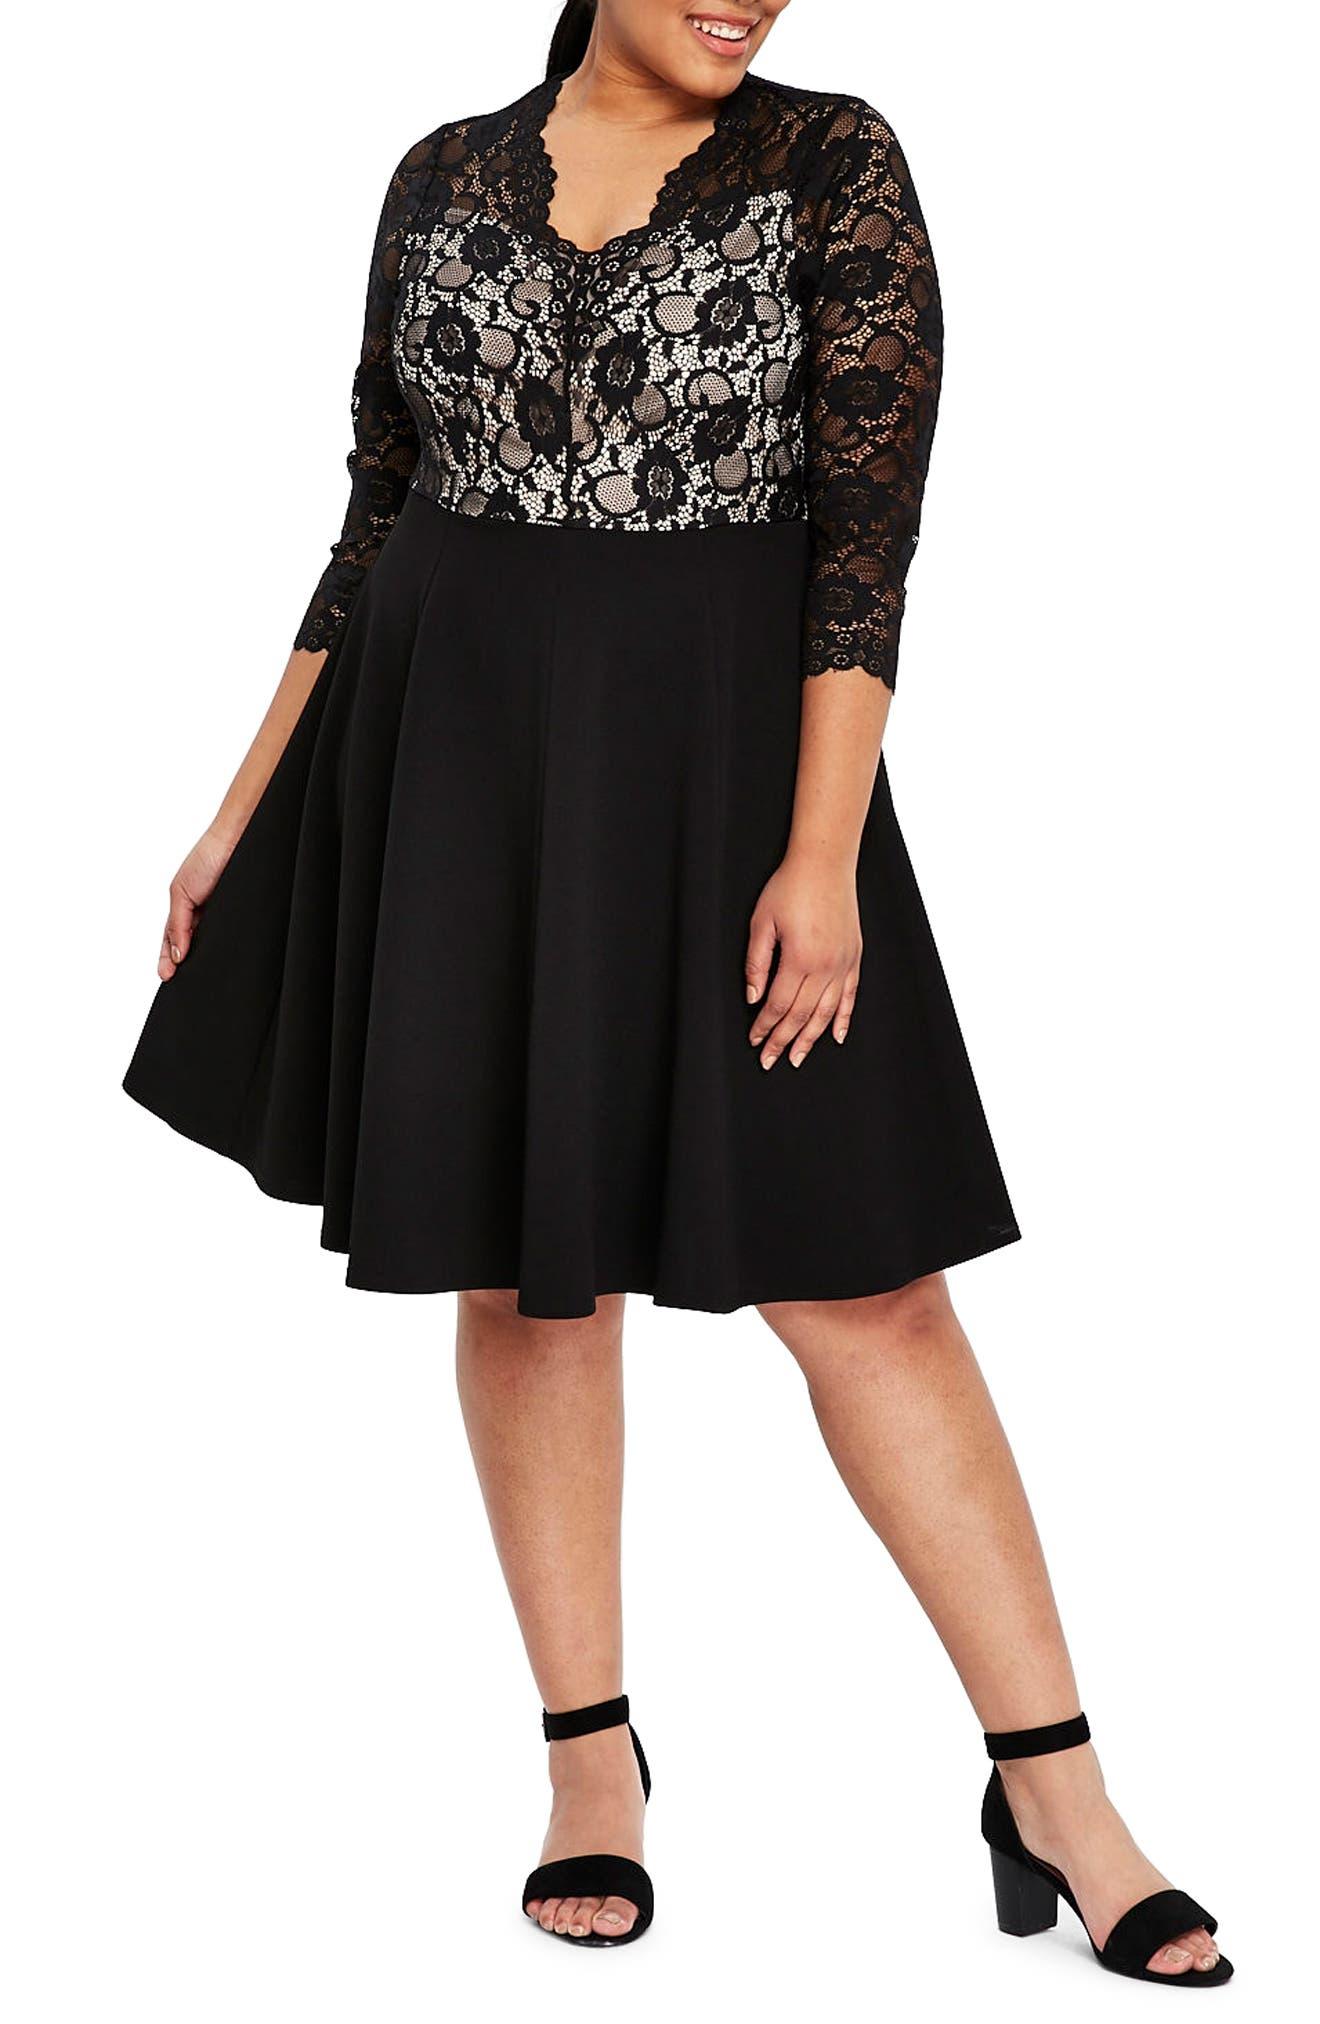 Main Image - Evans Scallop Lace Fit & Flare Dress (Plus Size)